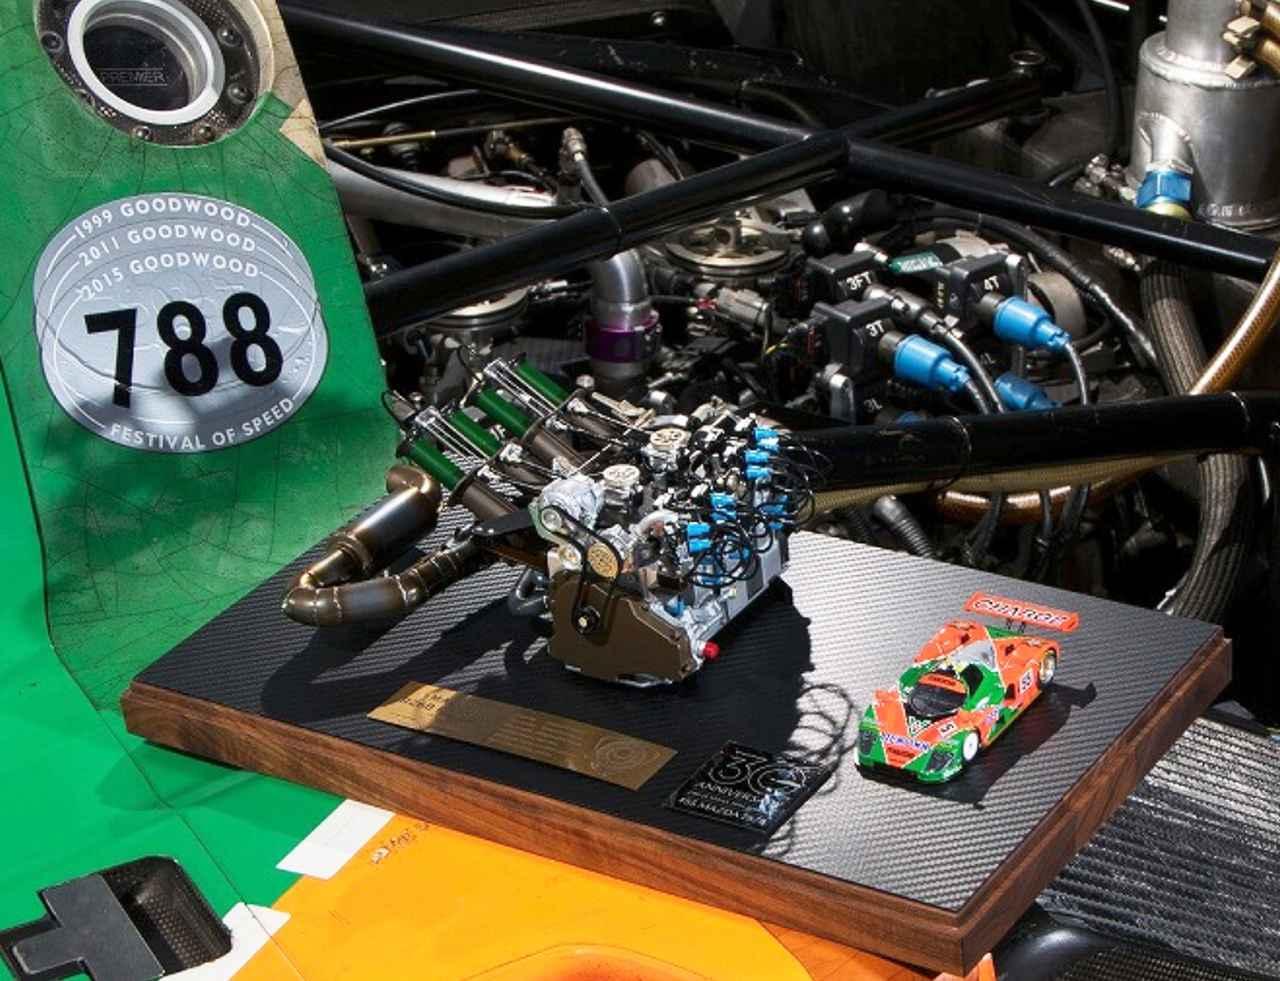 【モデルカー】マツダ 787Bのル・マン制覇から30年。これを記念したハンドメイドモデルカーが登場